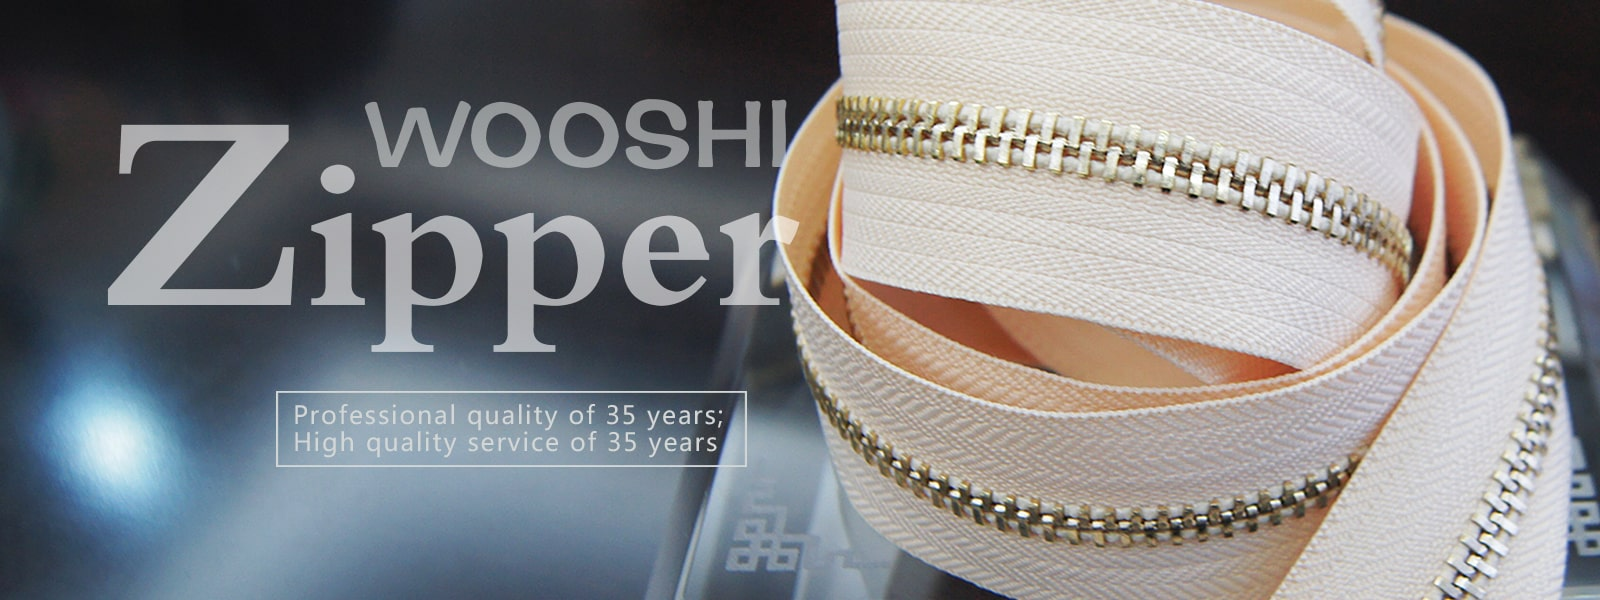 Nylon Zipper Wholesale - Wooshi Zipper